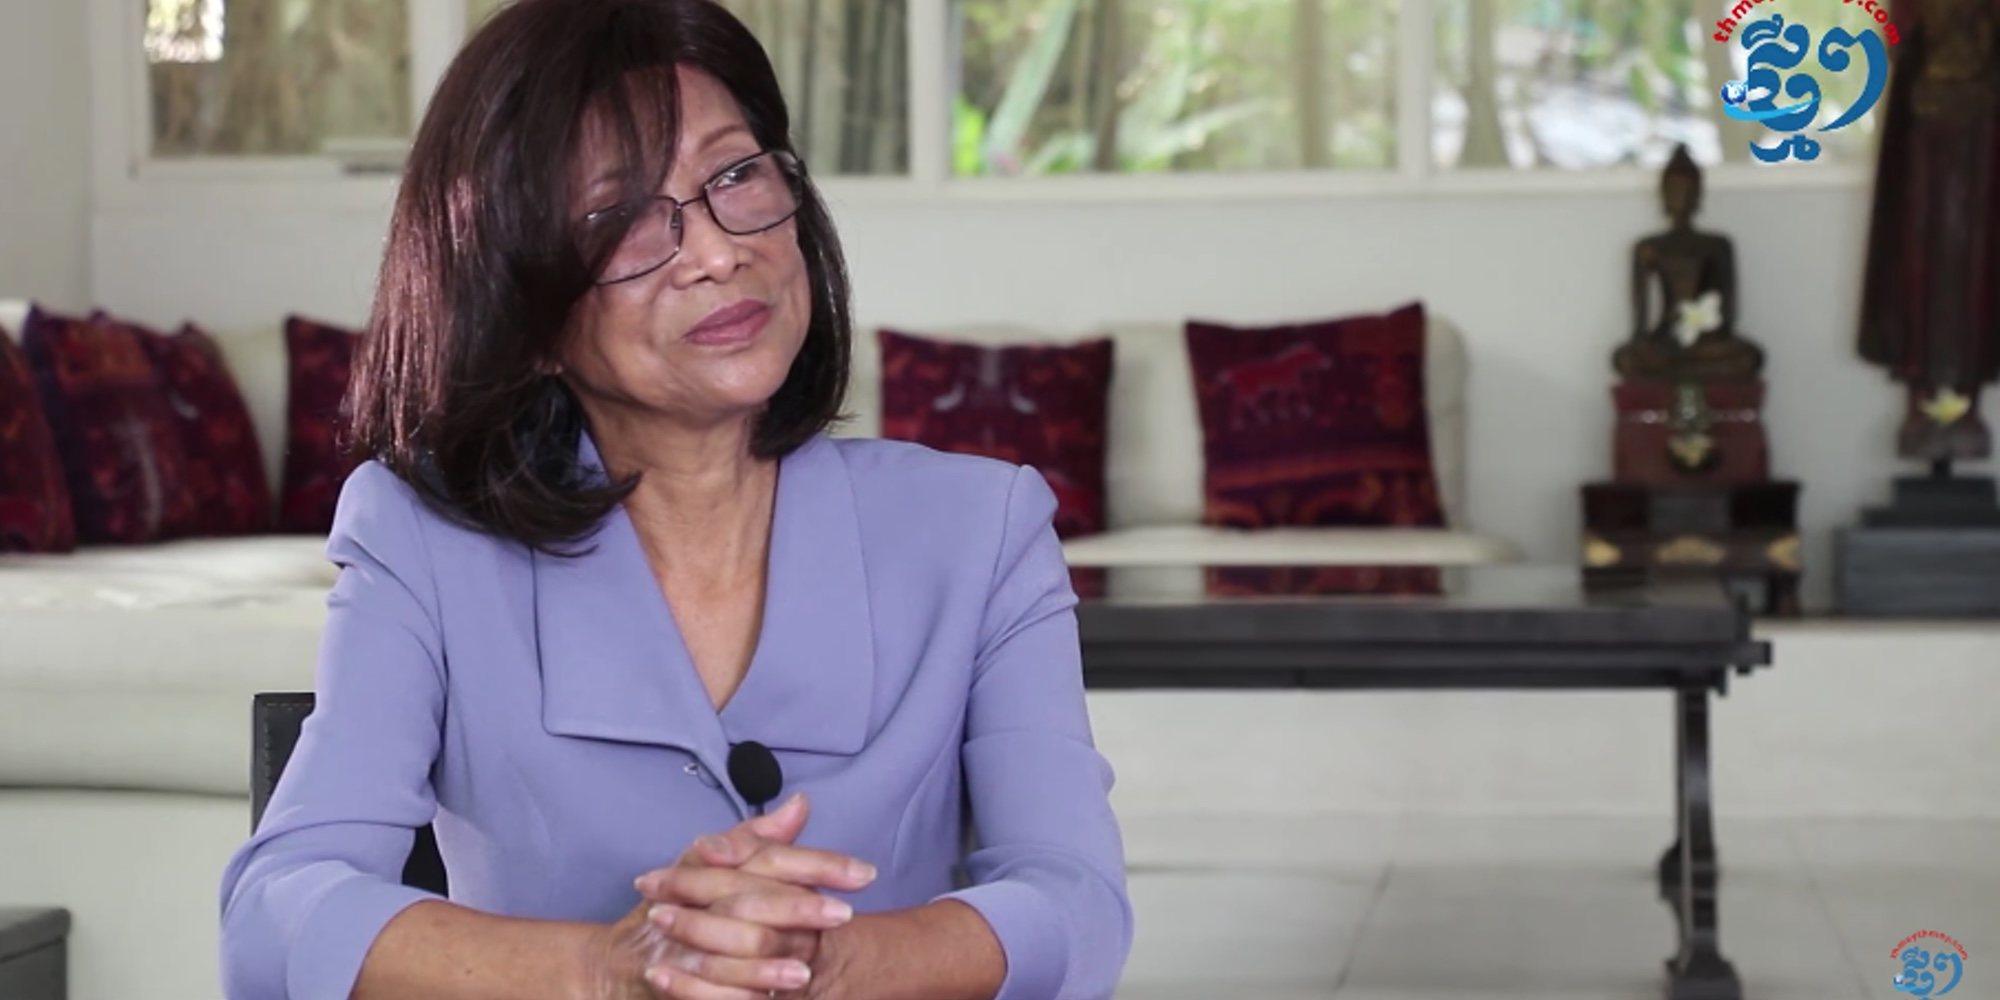 Muere la princesa Norodom Buppha Devi, hermana del Rey de Camboya, a los 76 años